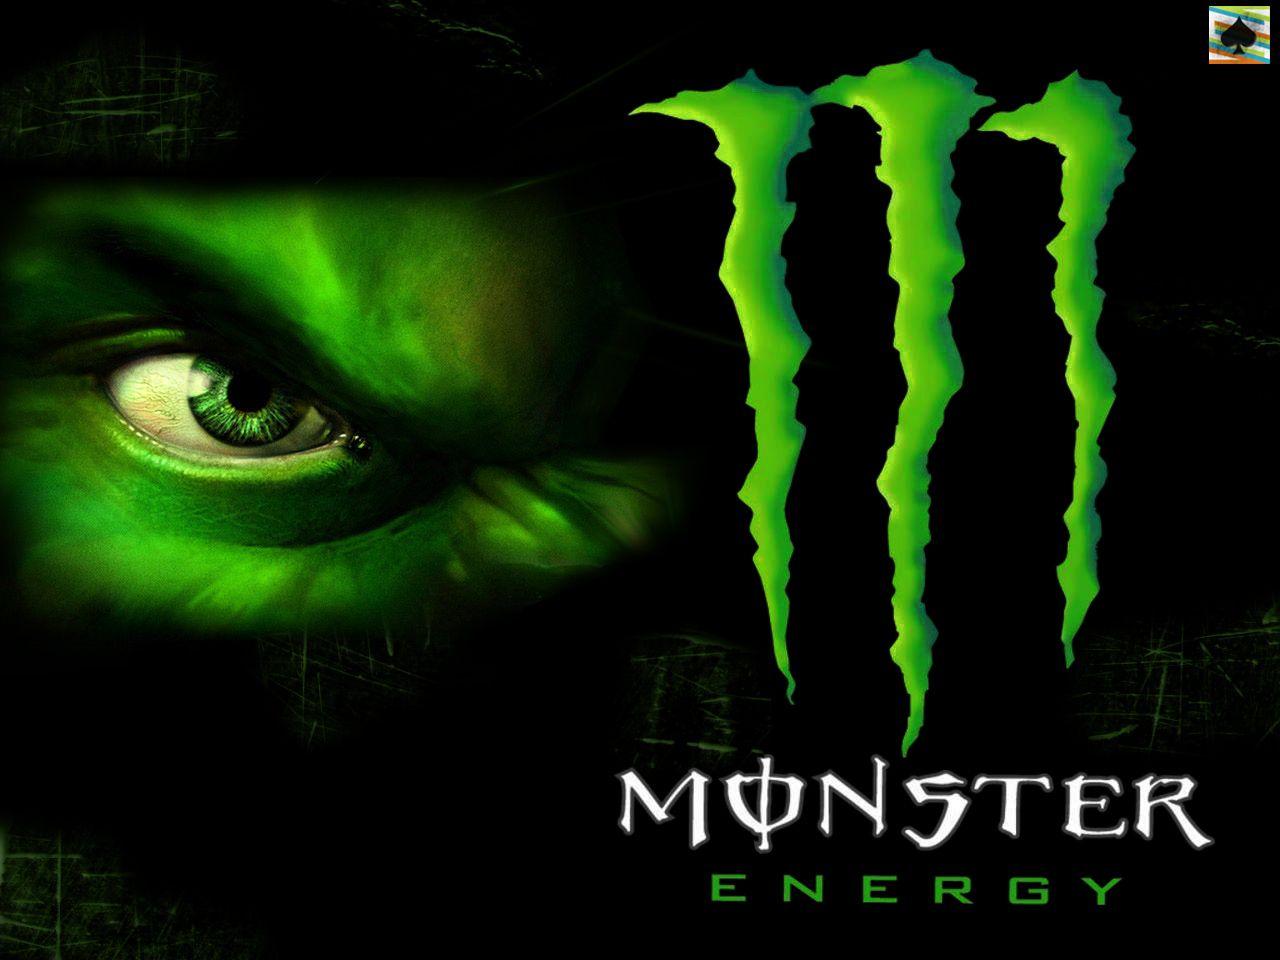 Image detail for -Dakota s Blog  Dc Monster Energy Wallpaper Hd ... 15690f33260fc